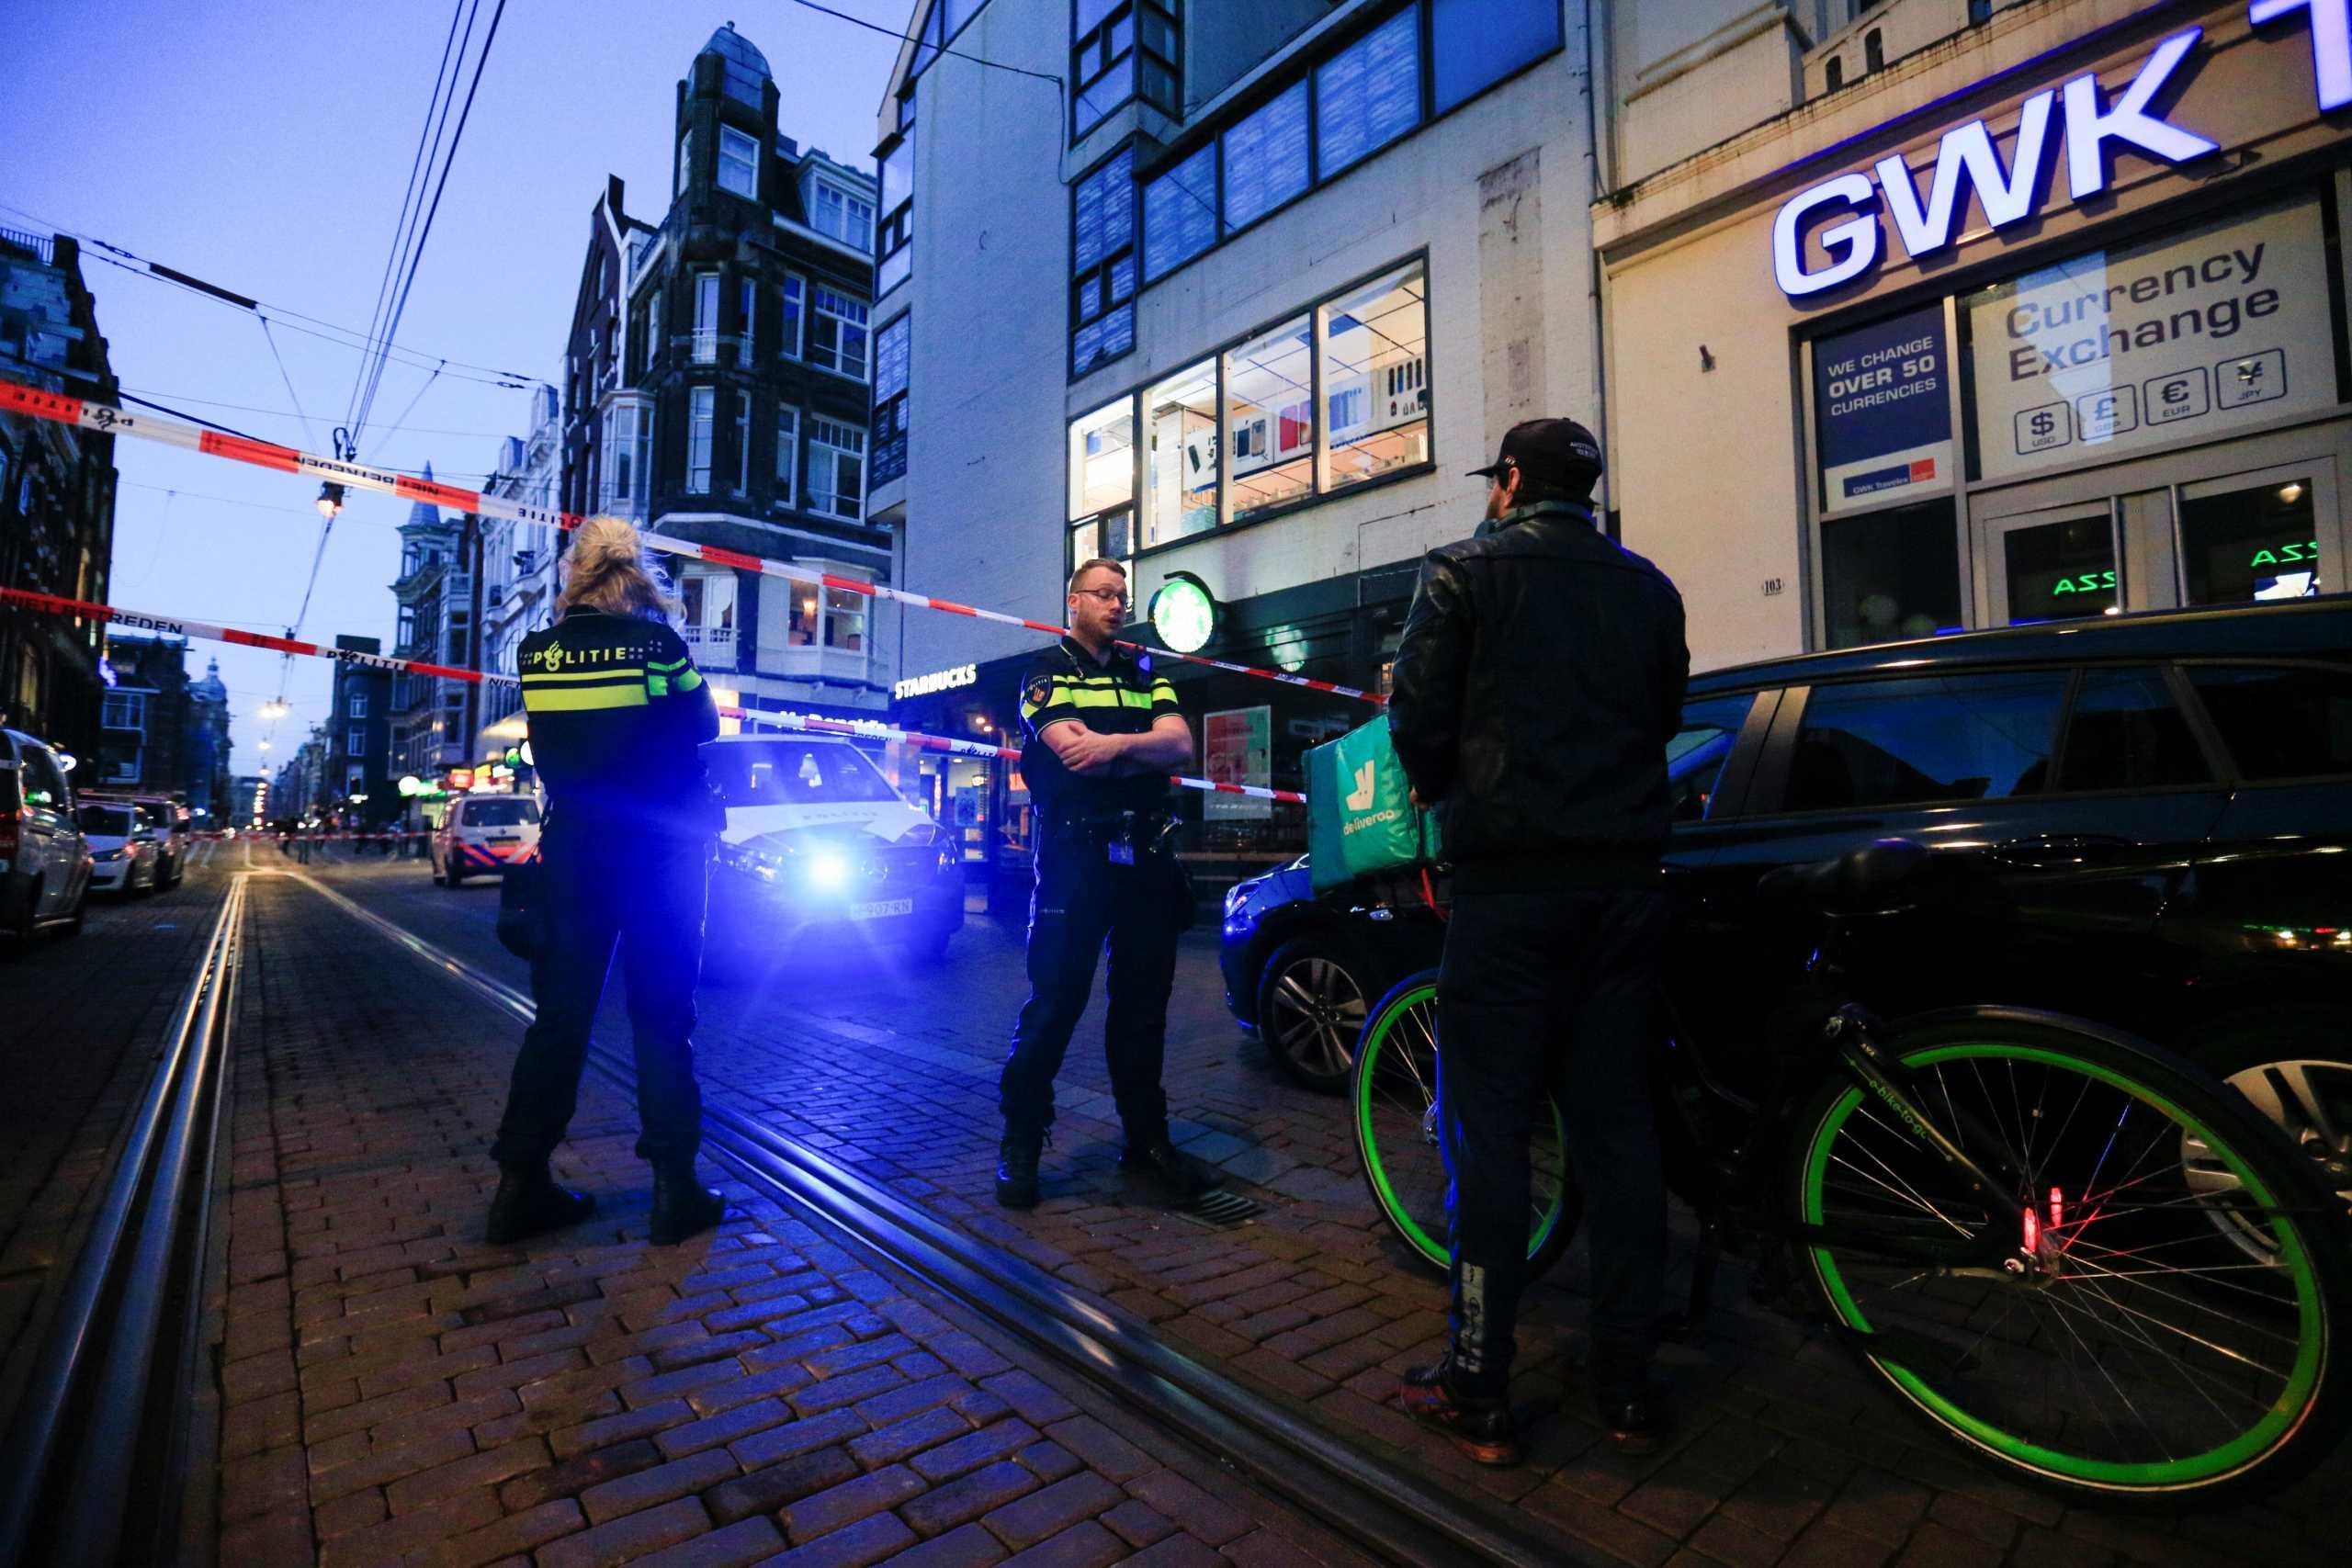 Άμστερνταμ: Μάχη για να κρατηθεί στη ζωή ο δημοσιογράφος που δέχτηκε δολοφονική επίθεση